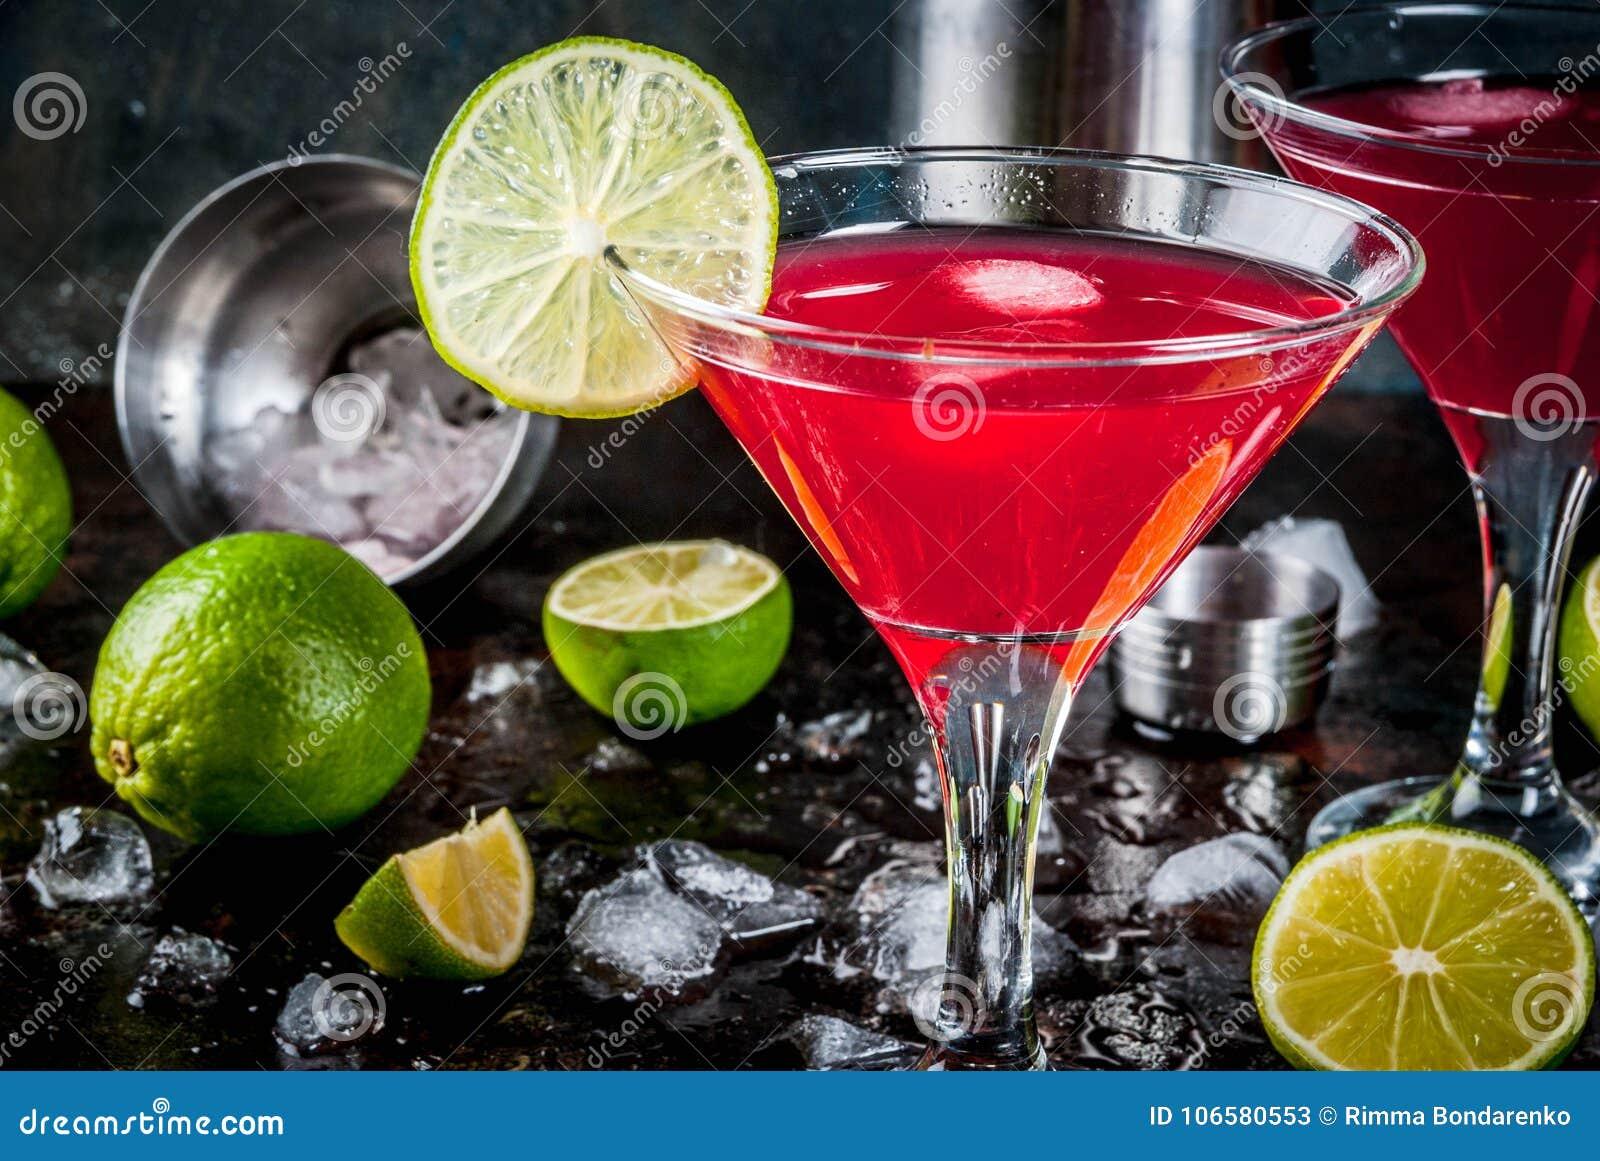 Röd kosmopolitisk coctail med limefrukt